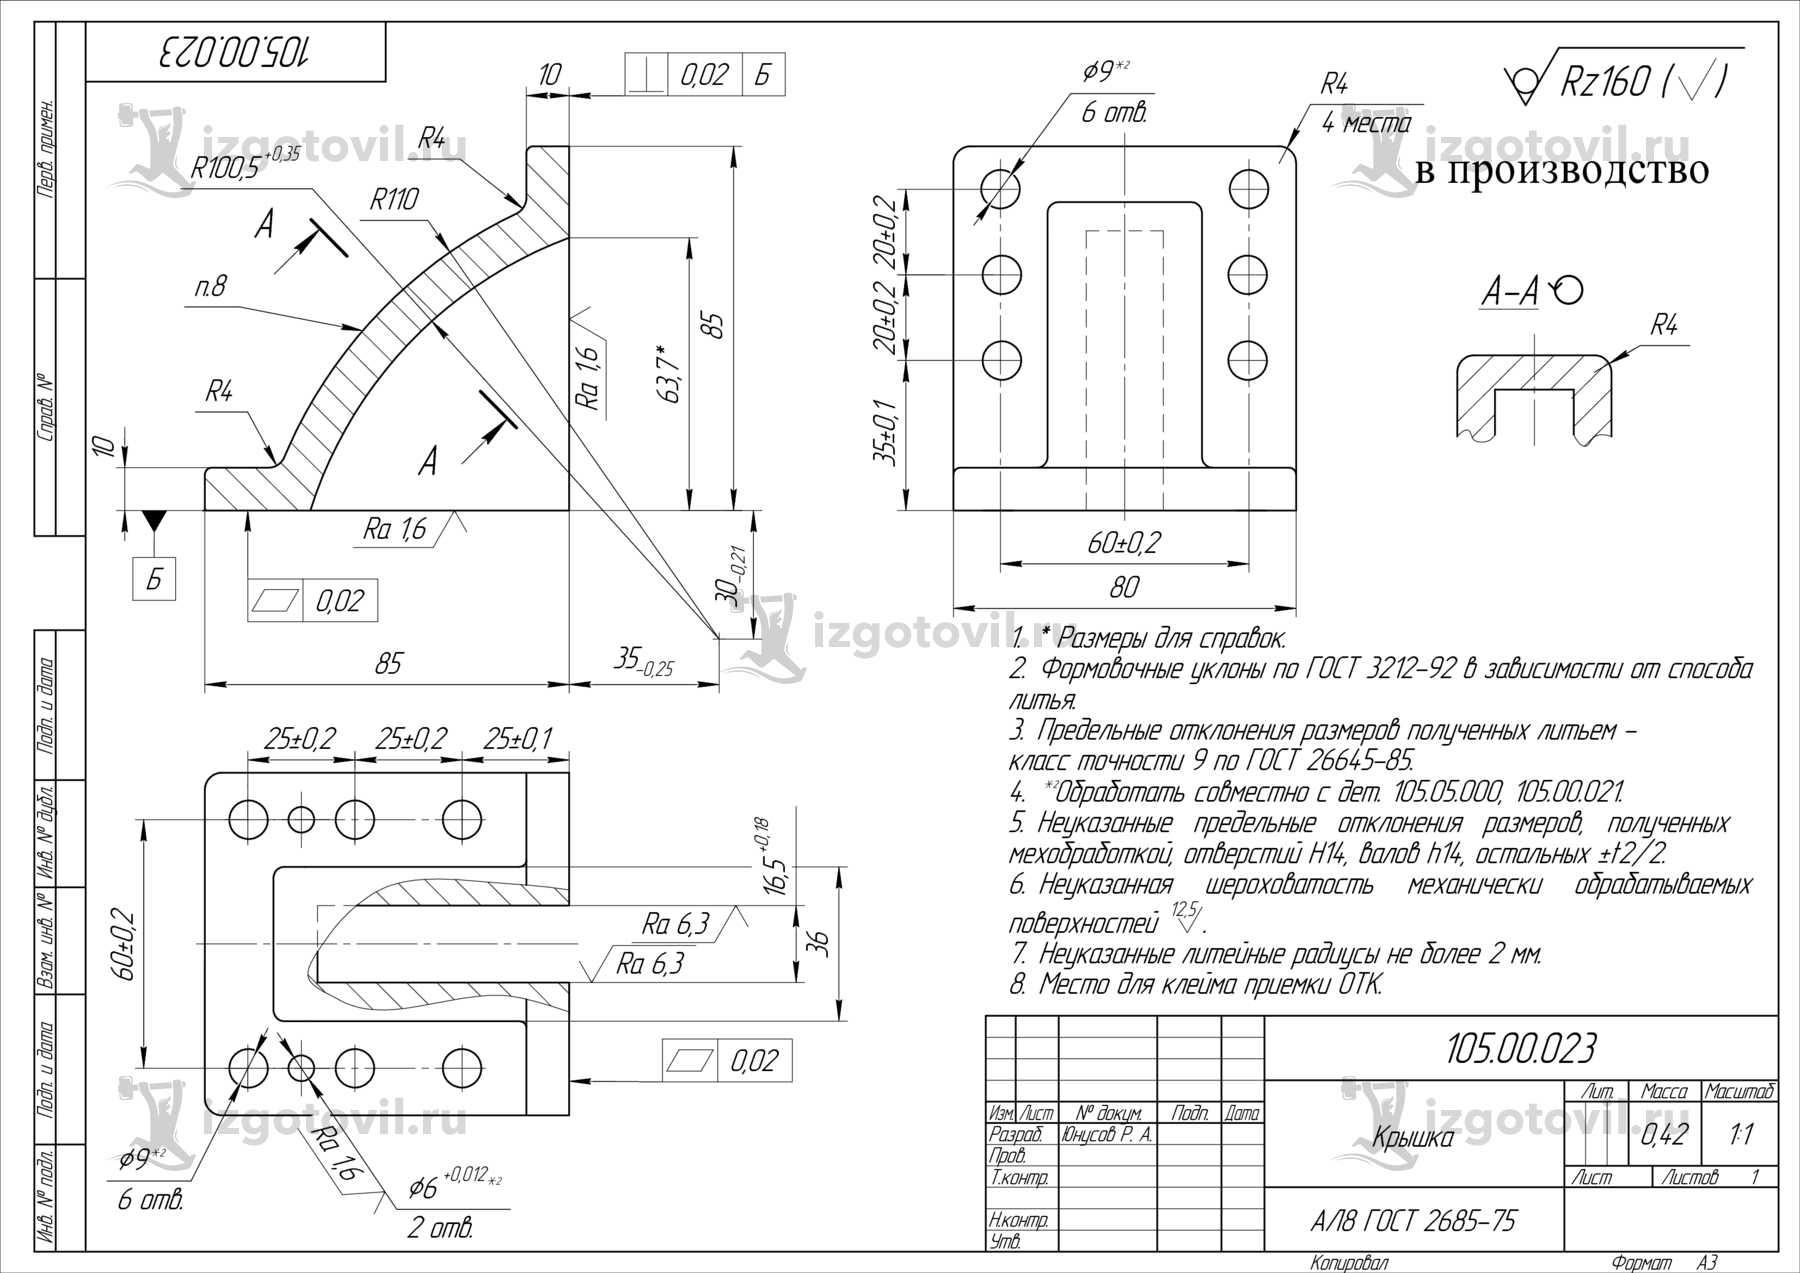 Изготовление деталей на станках (детали).